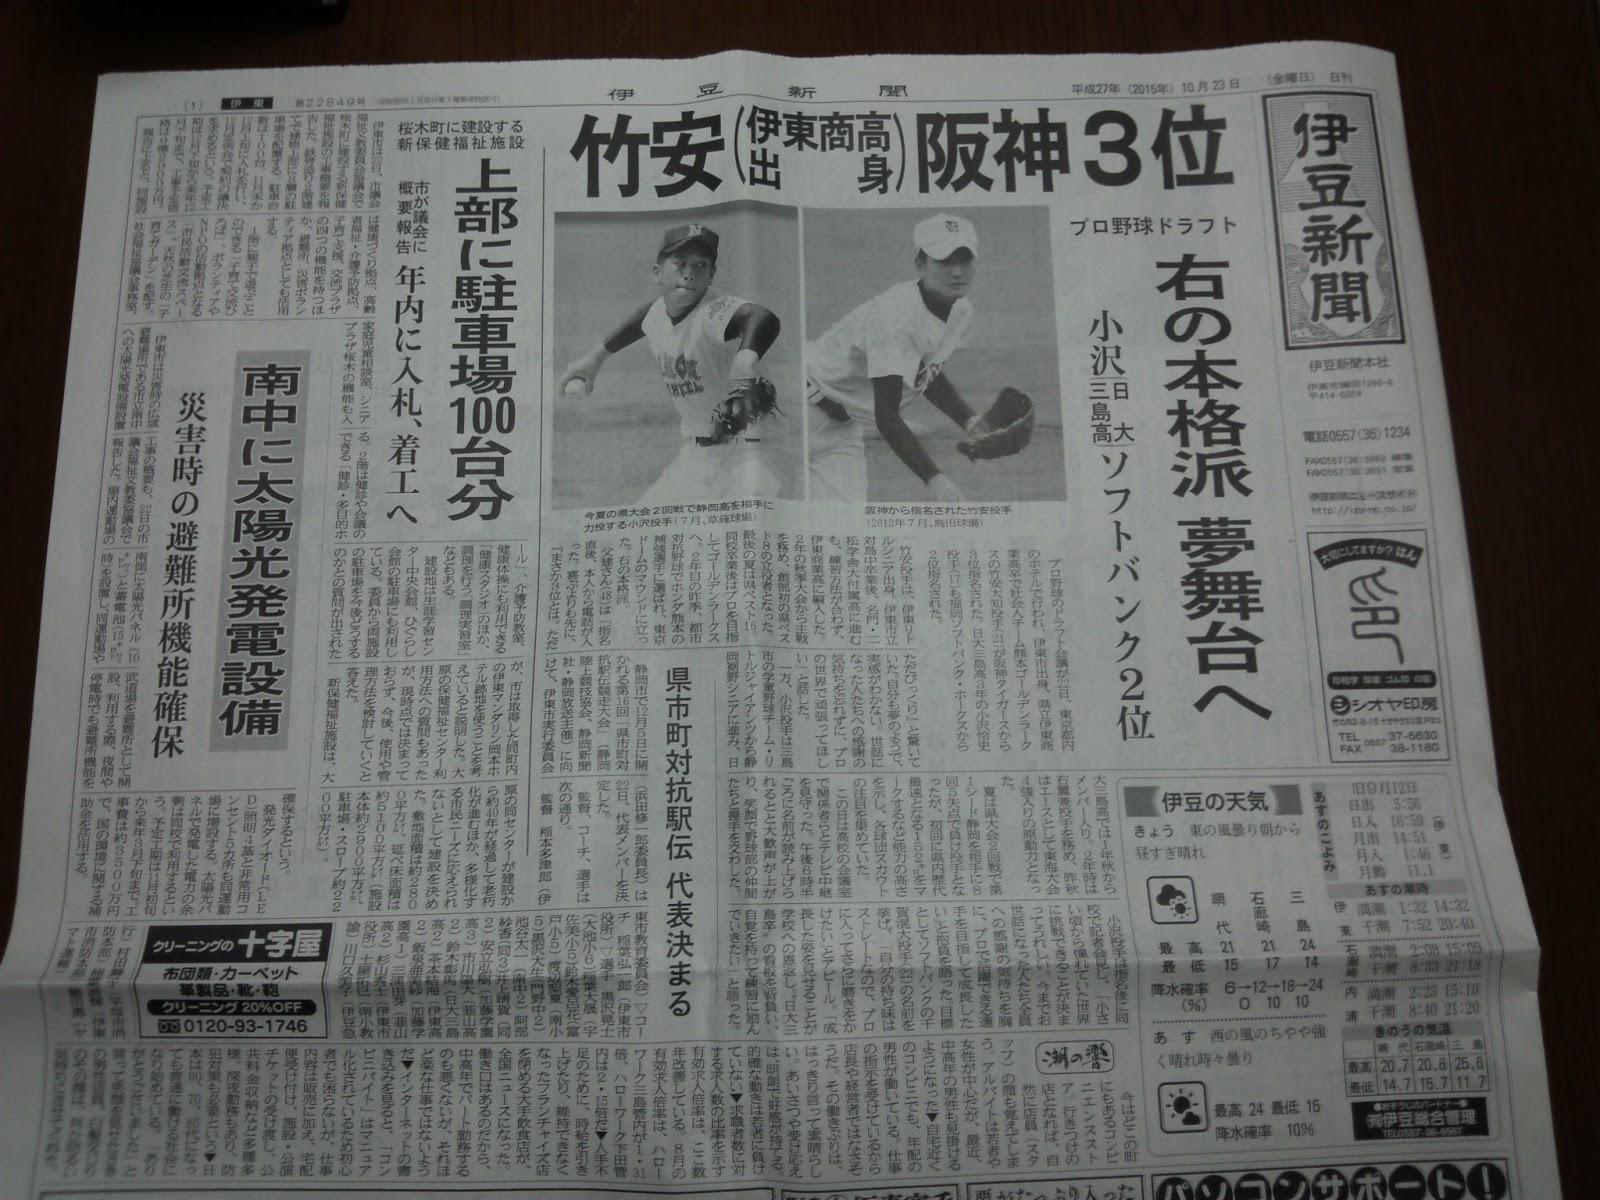 竹安大知の画像 p1_35